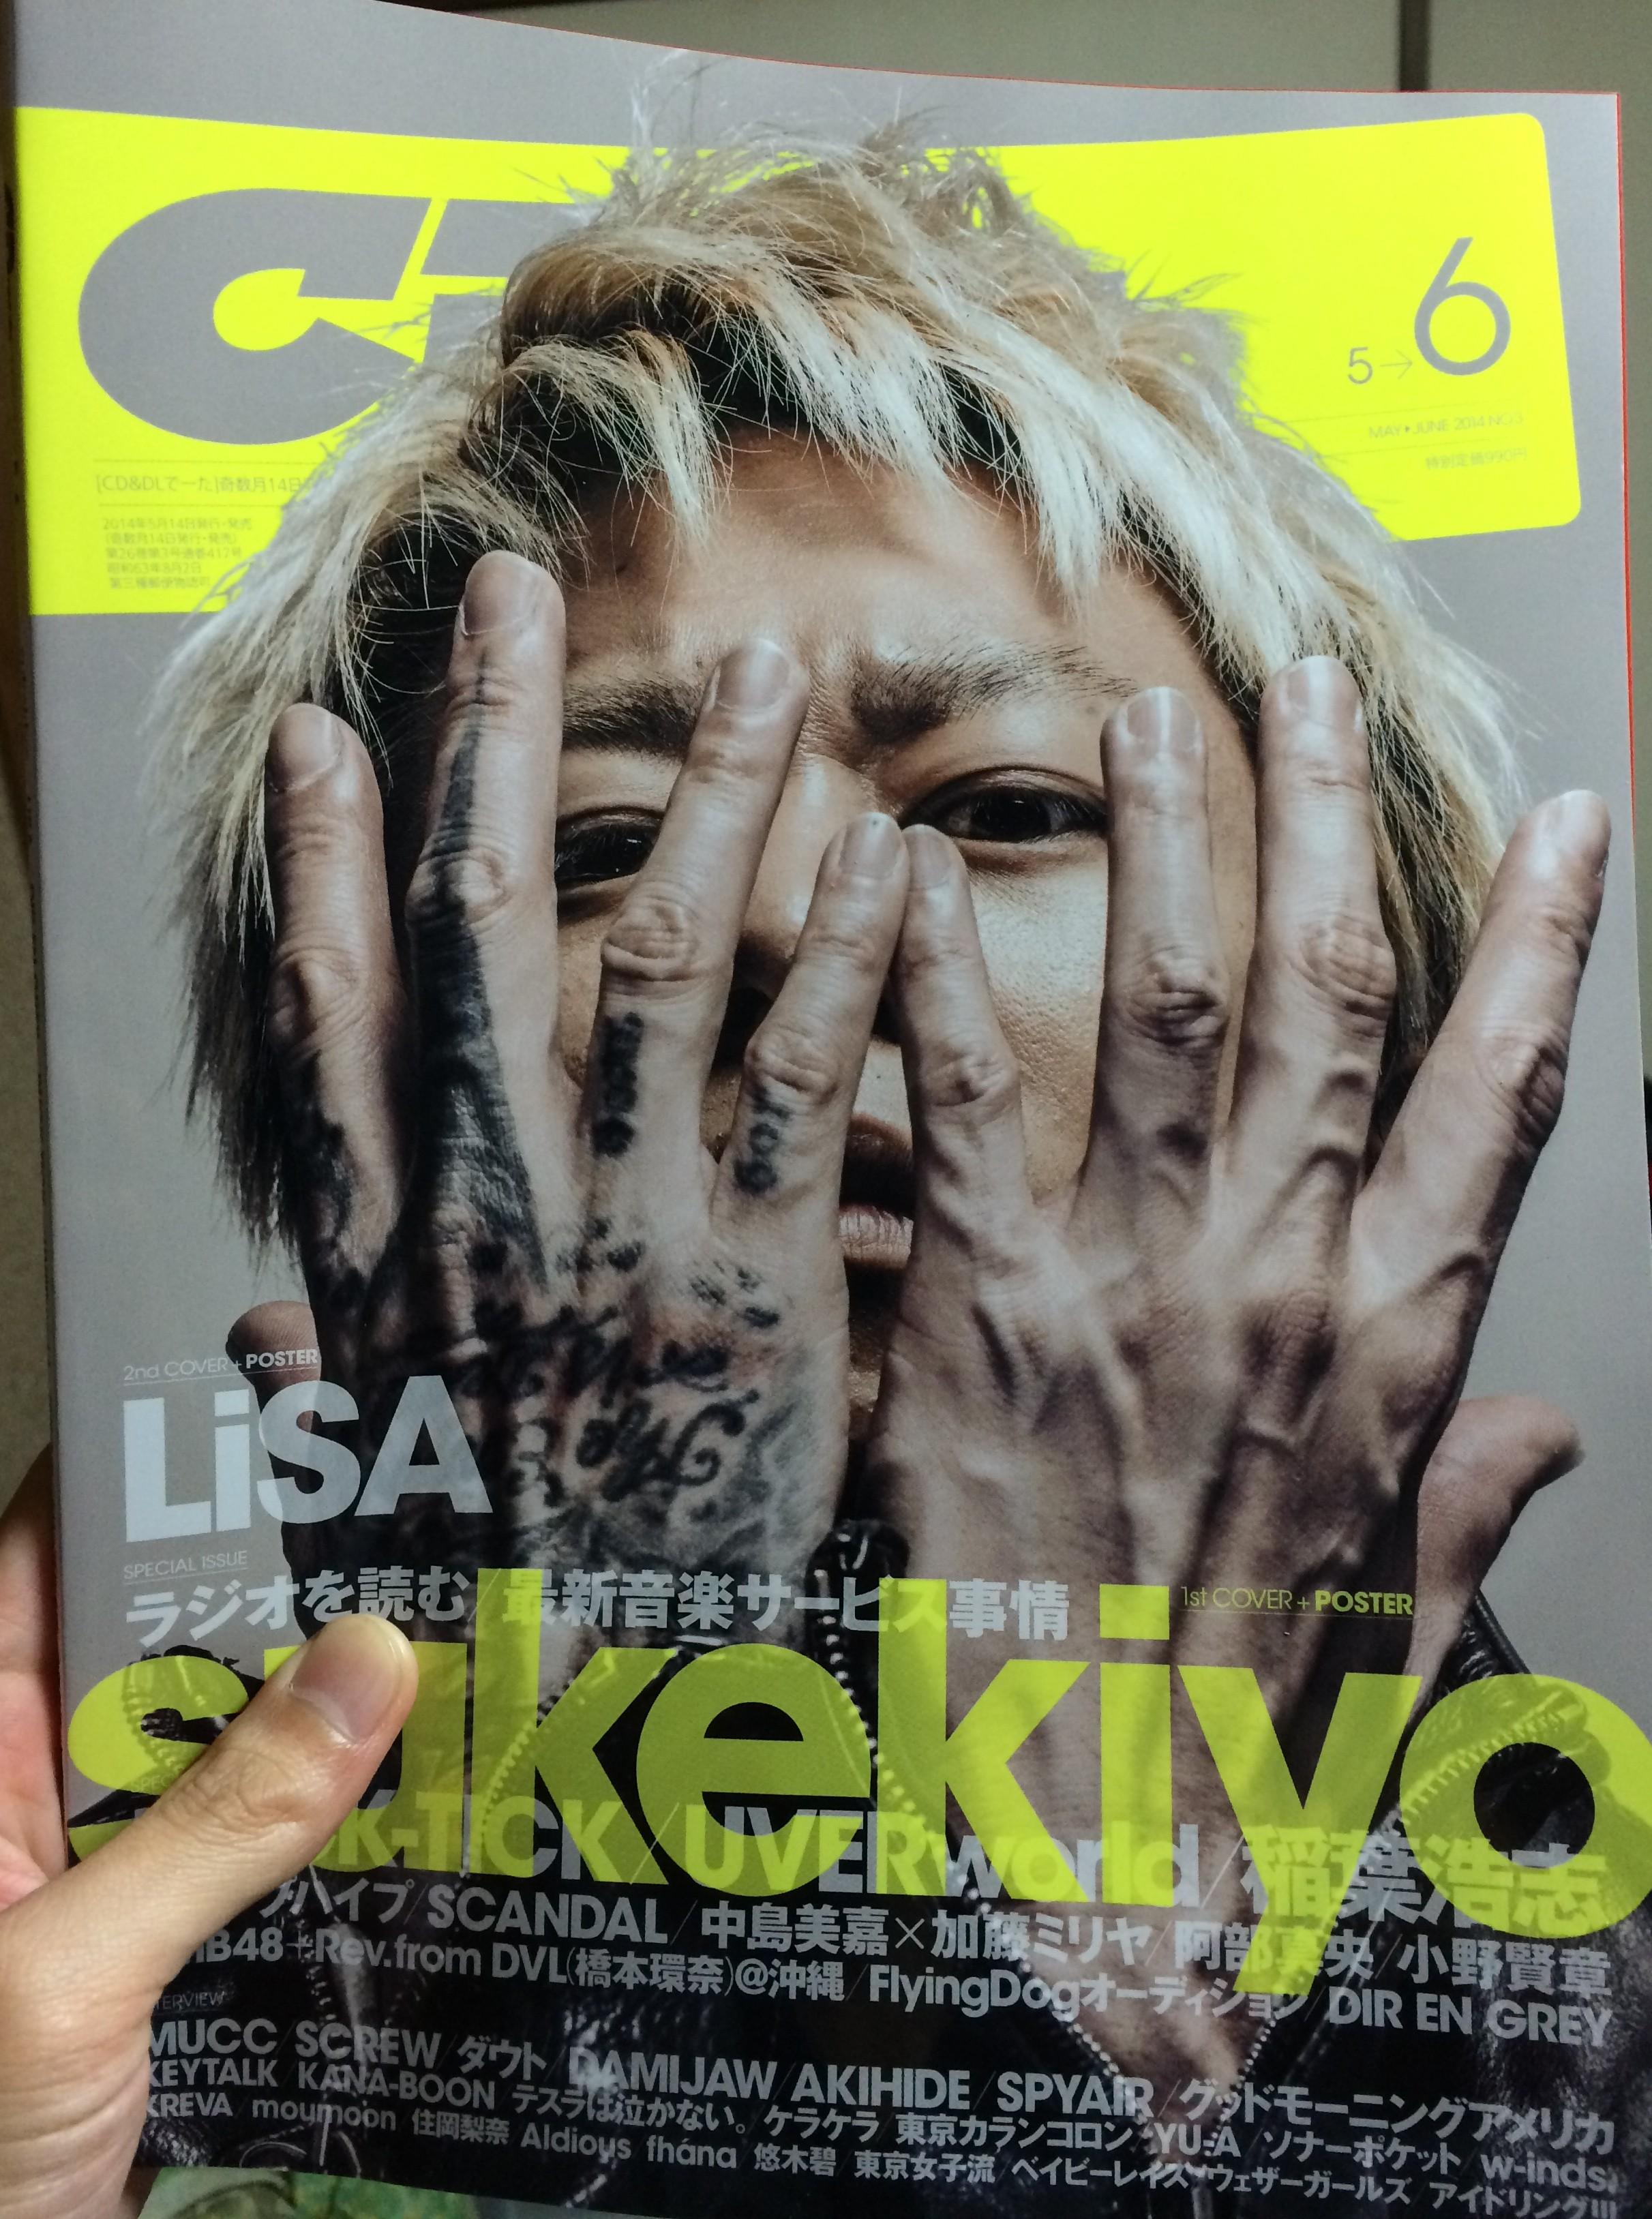 稲葉浩志インタビュー掲載「CD&DLでーた」を購入!&感想!!